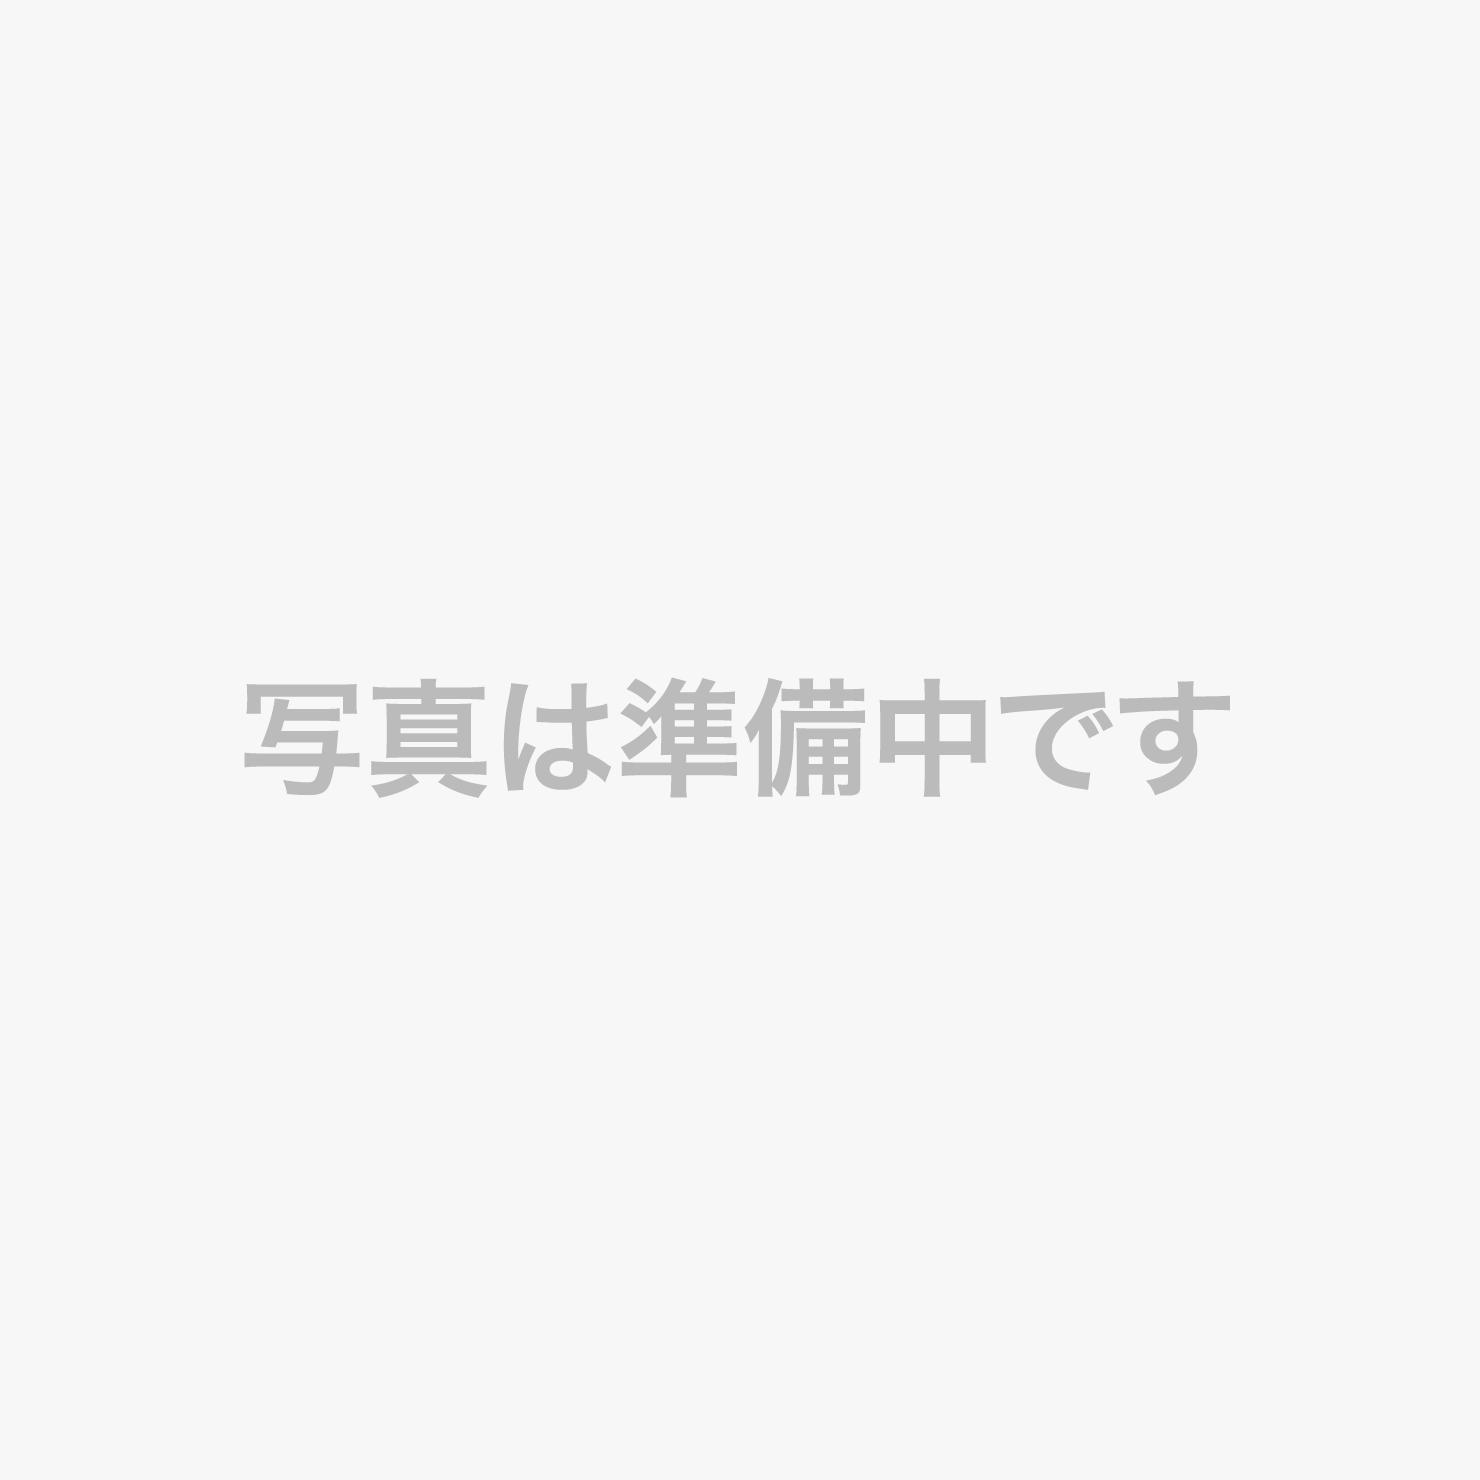 ◆御椀/萩進丈(2020年9月お食事イメージ)